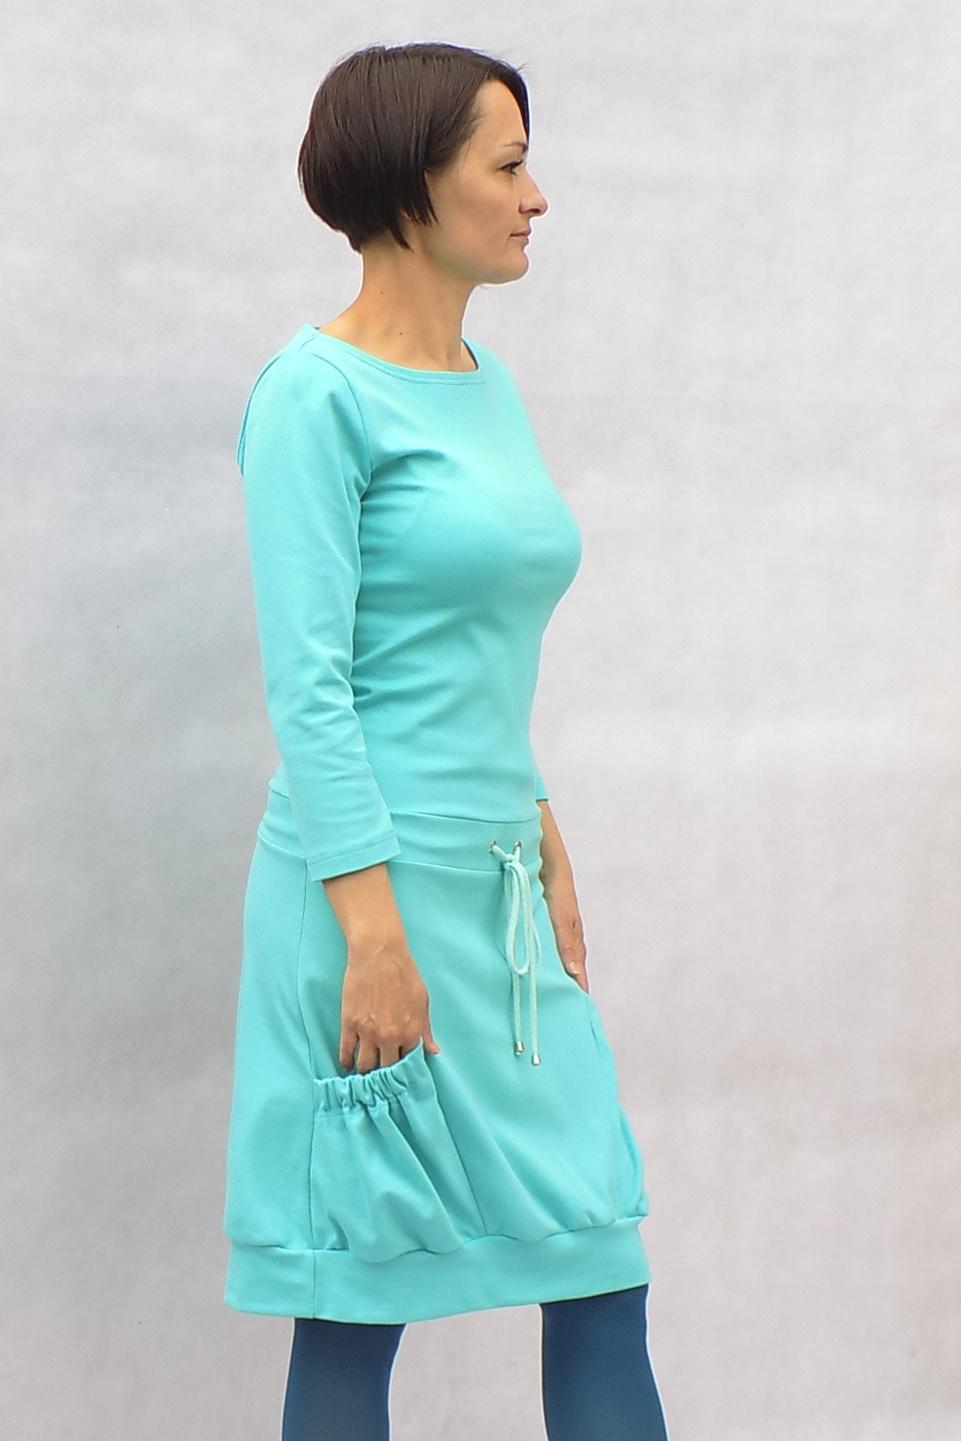 93d4f60f79 Mentolové šaty...vel. XL   Zboží prodejce LaPanika